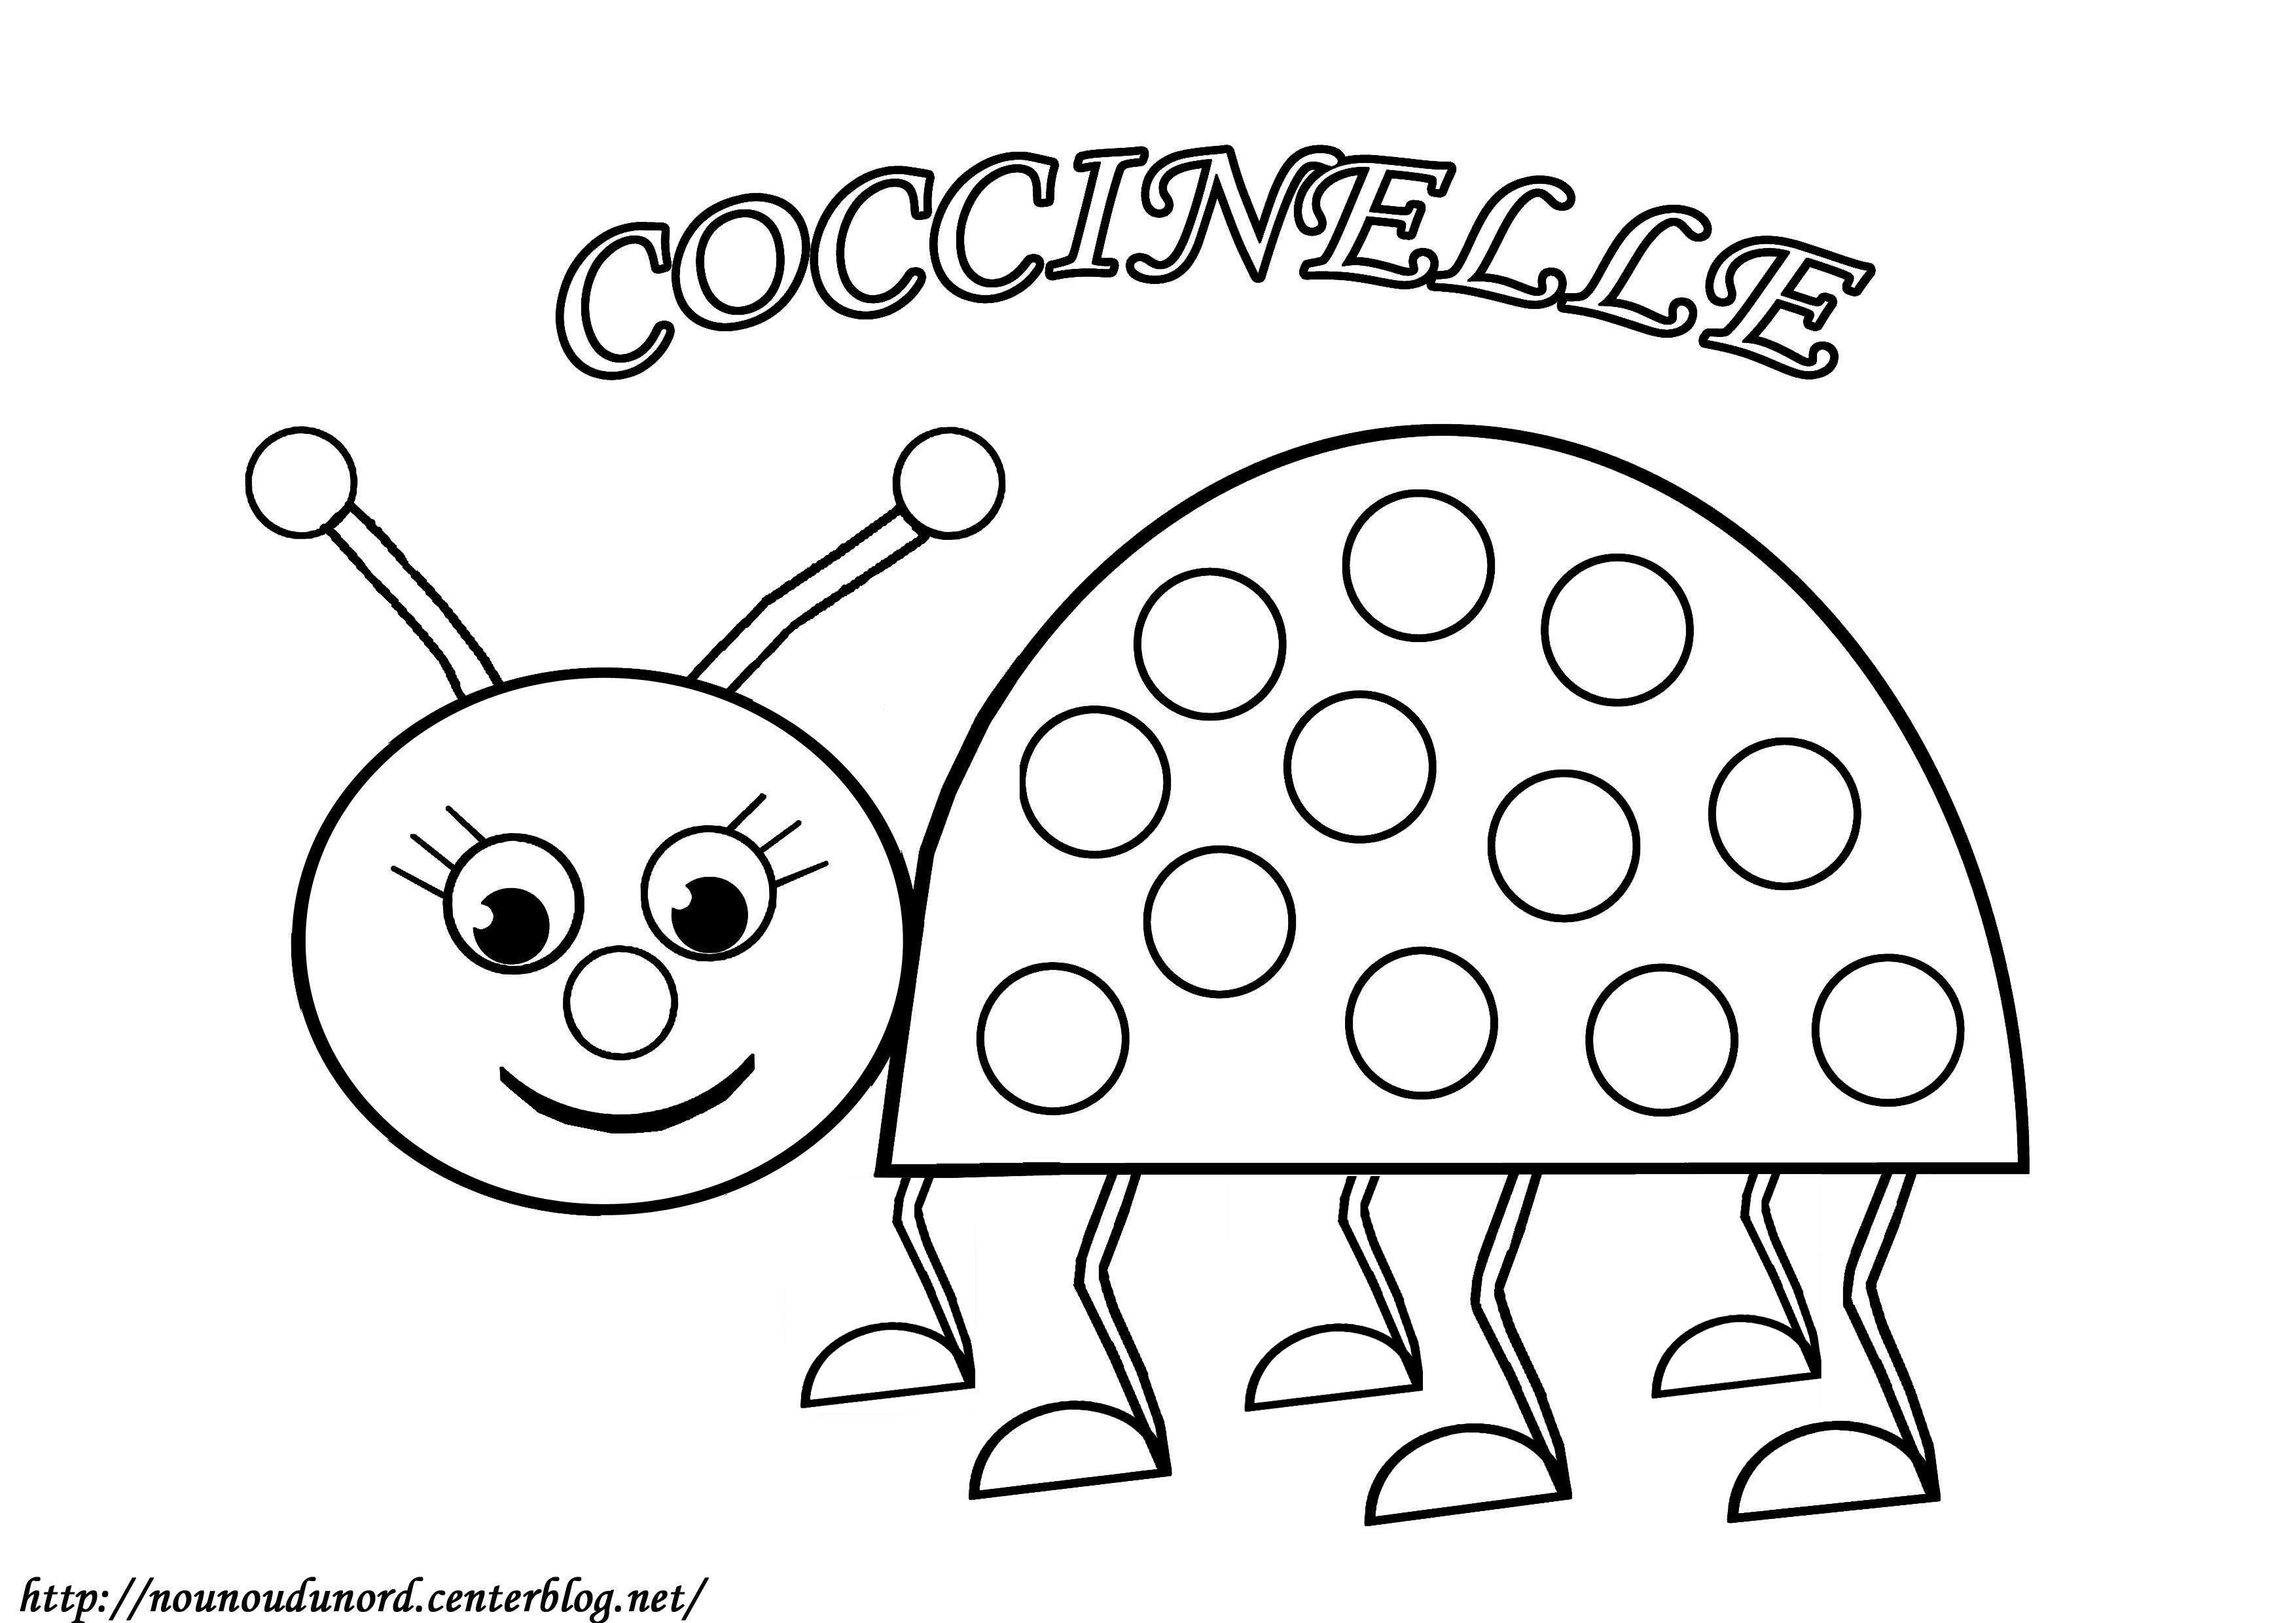 Dessins Gratuits À Colorier - Coloriage Coccinelle À Imprimer pour Coloriage Coccinelle